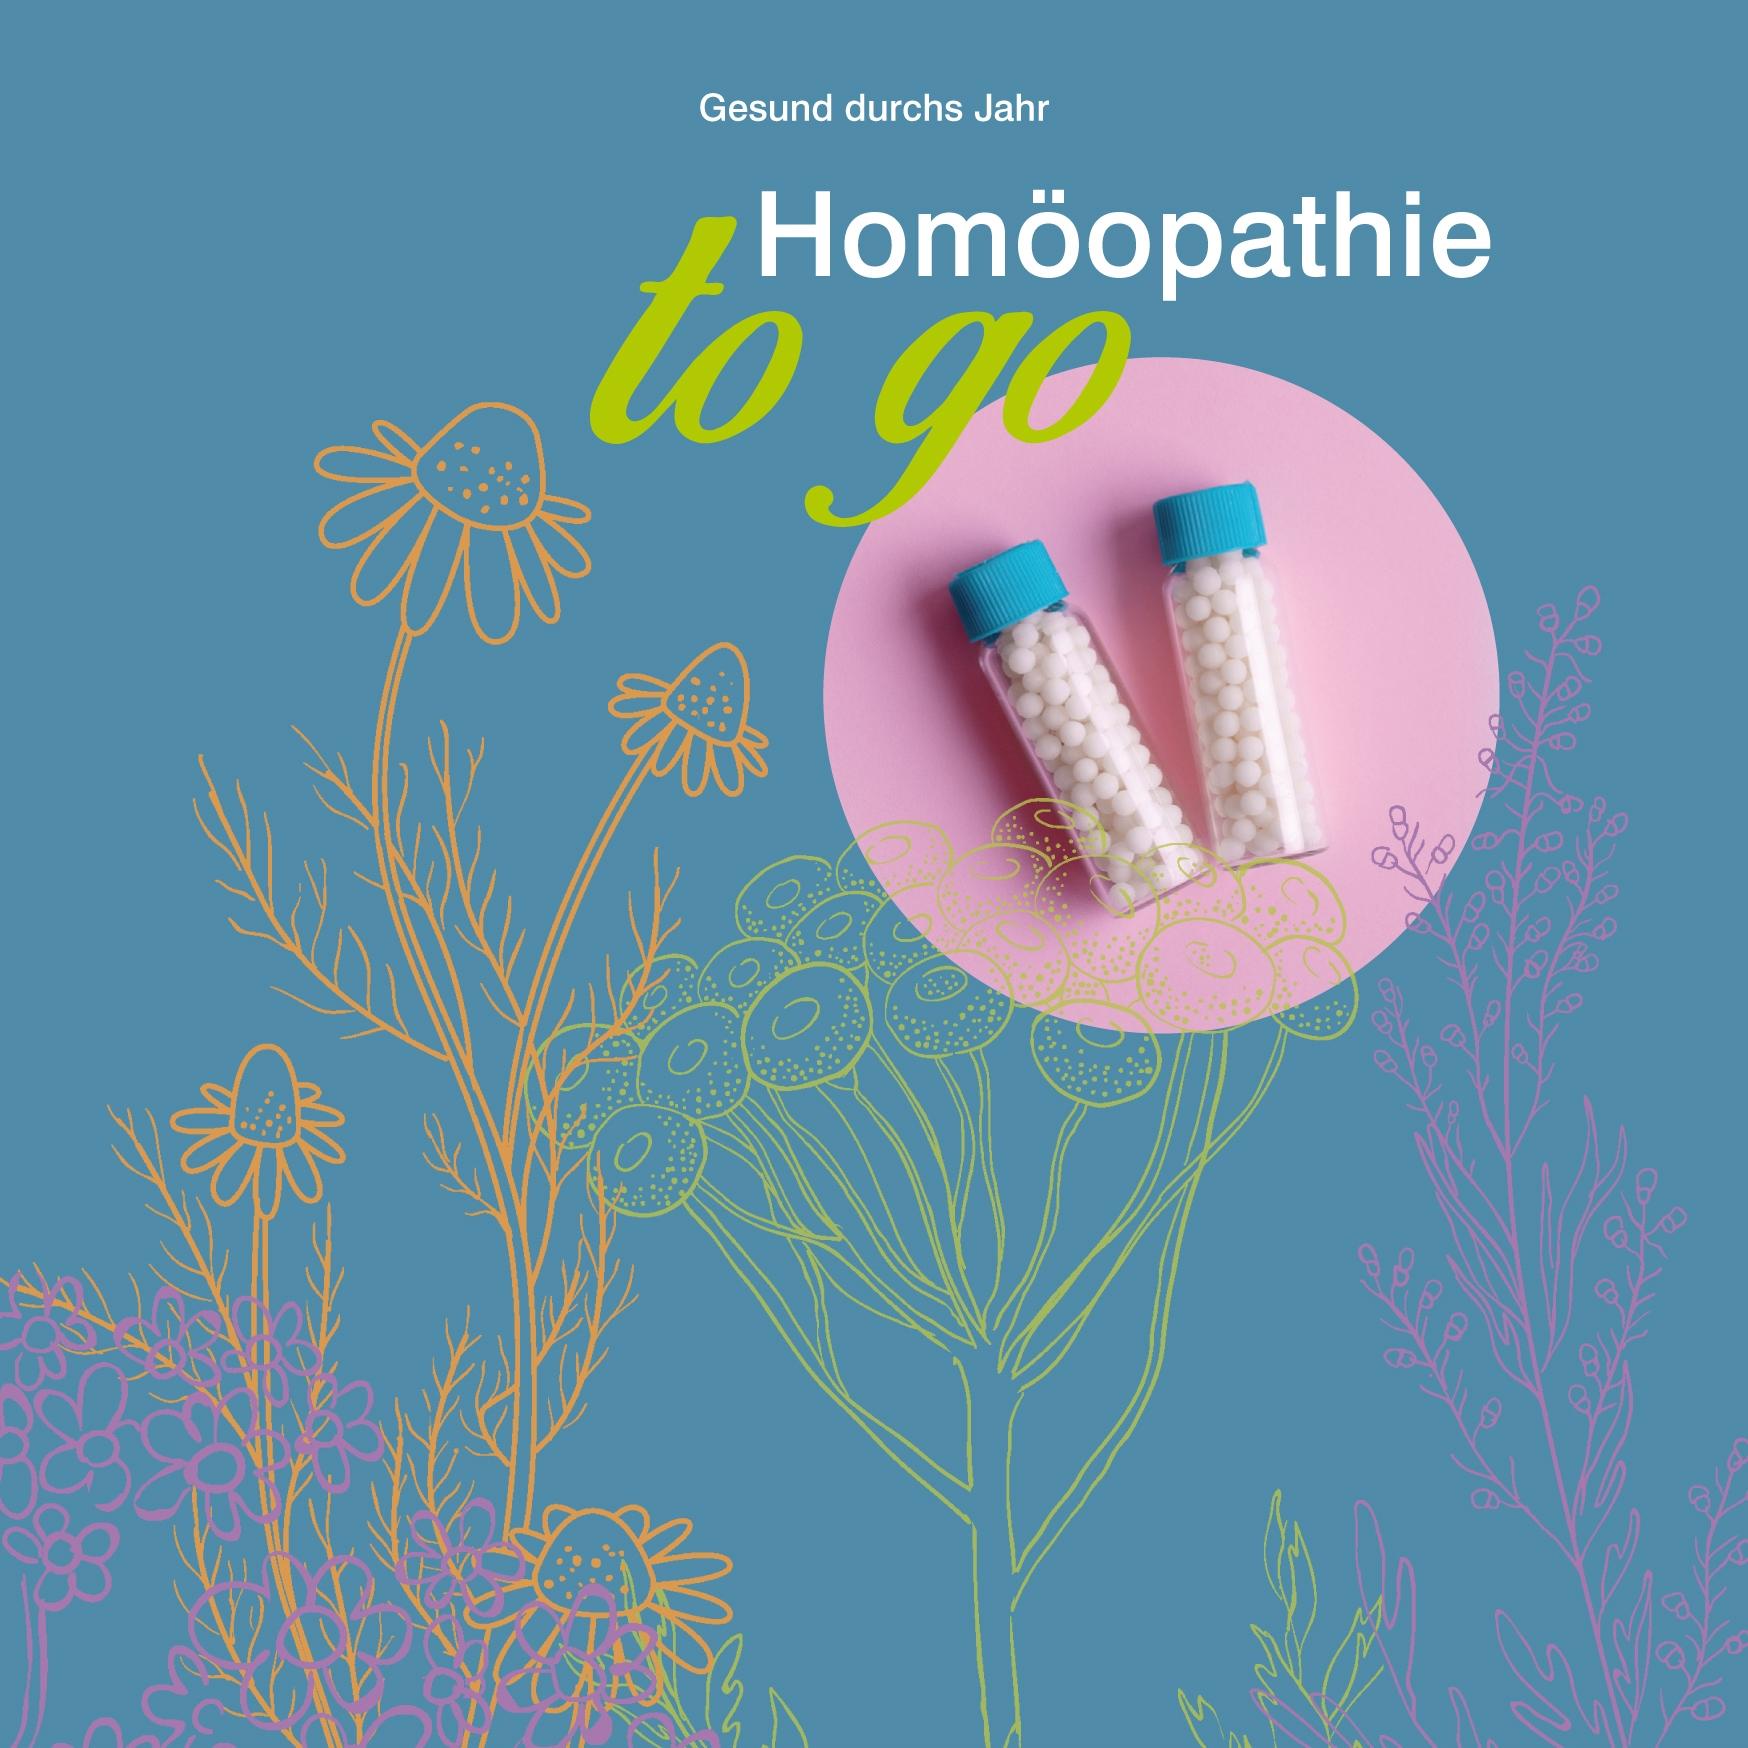 Eine neue Broschüre des Bundesverbandes Patienten für Homöopathie (BPH) begleitet PatientInnen durch das Jahr